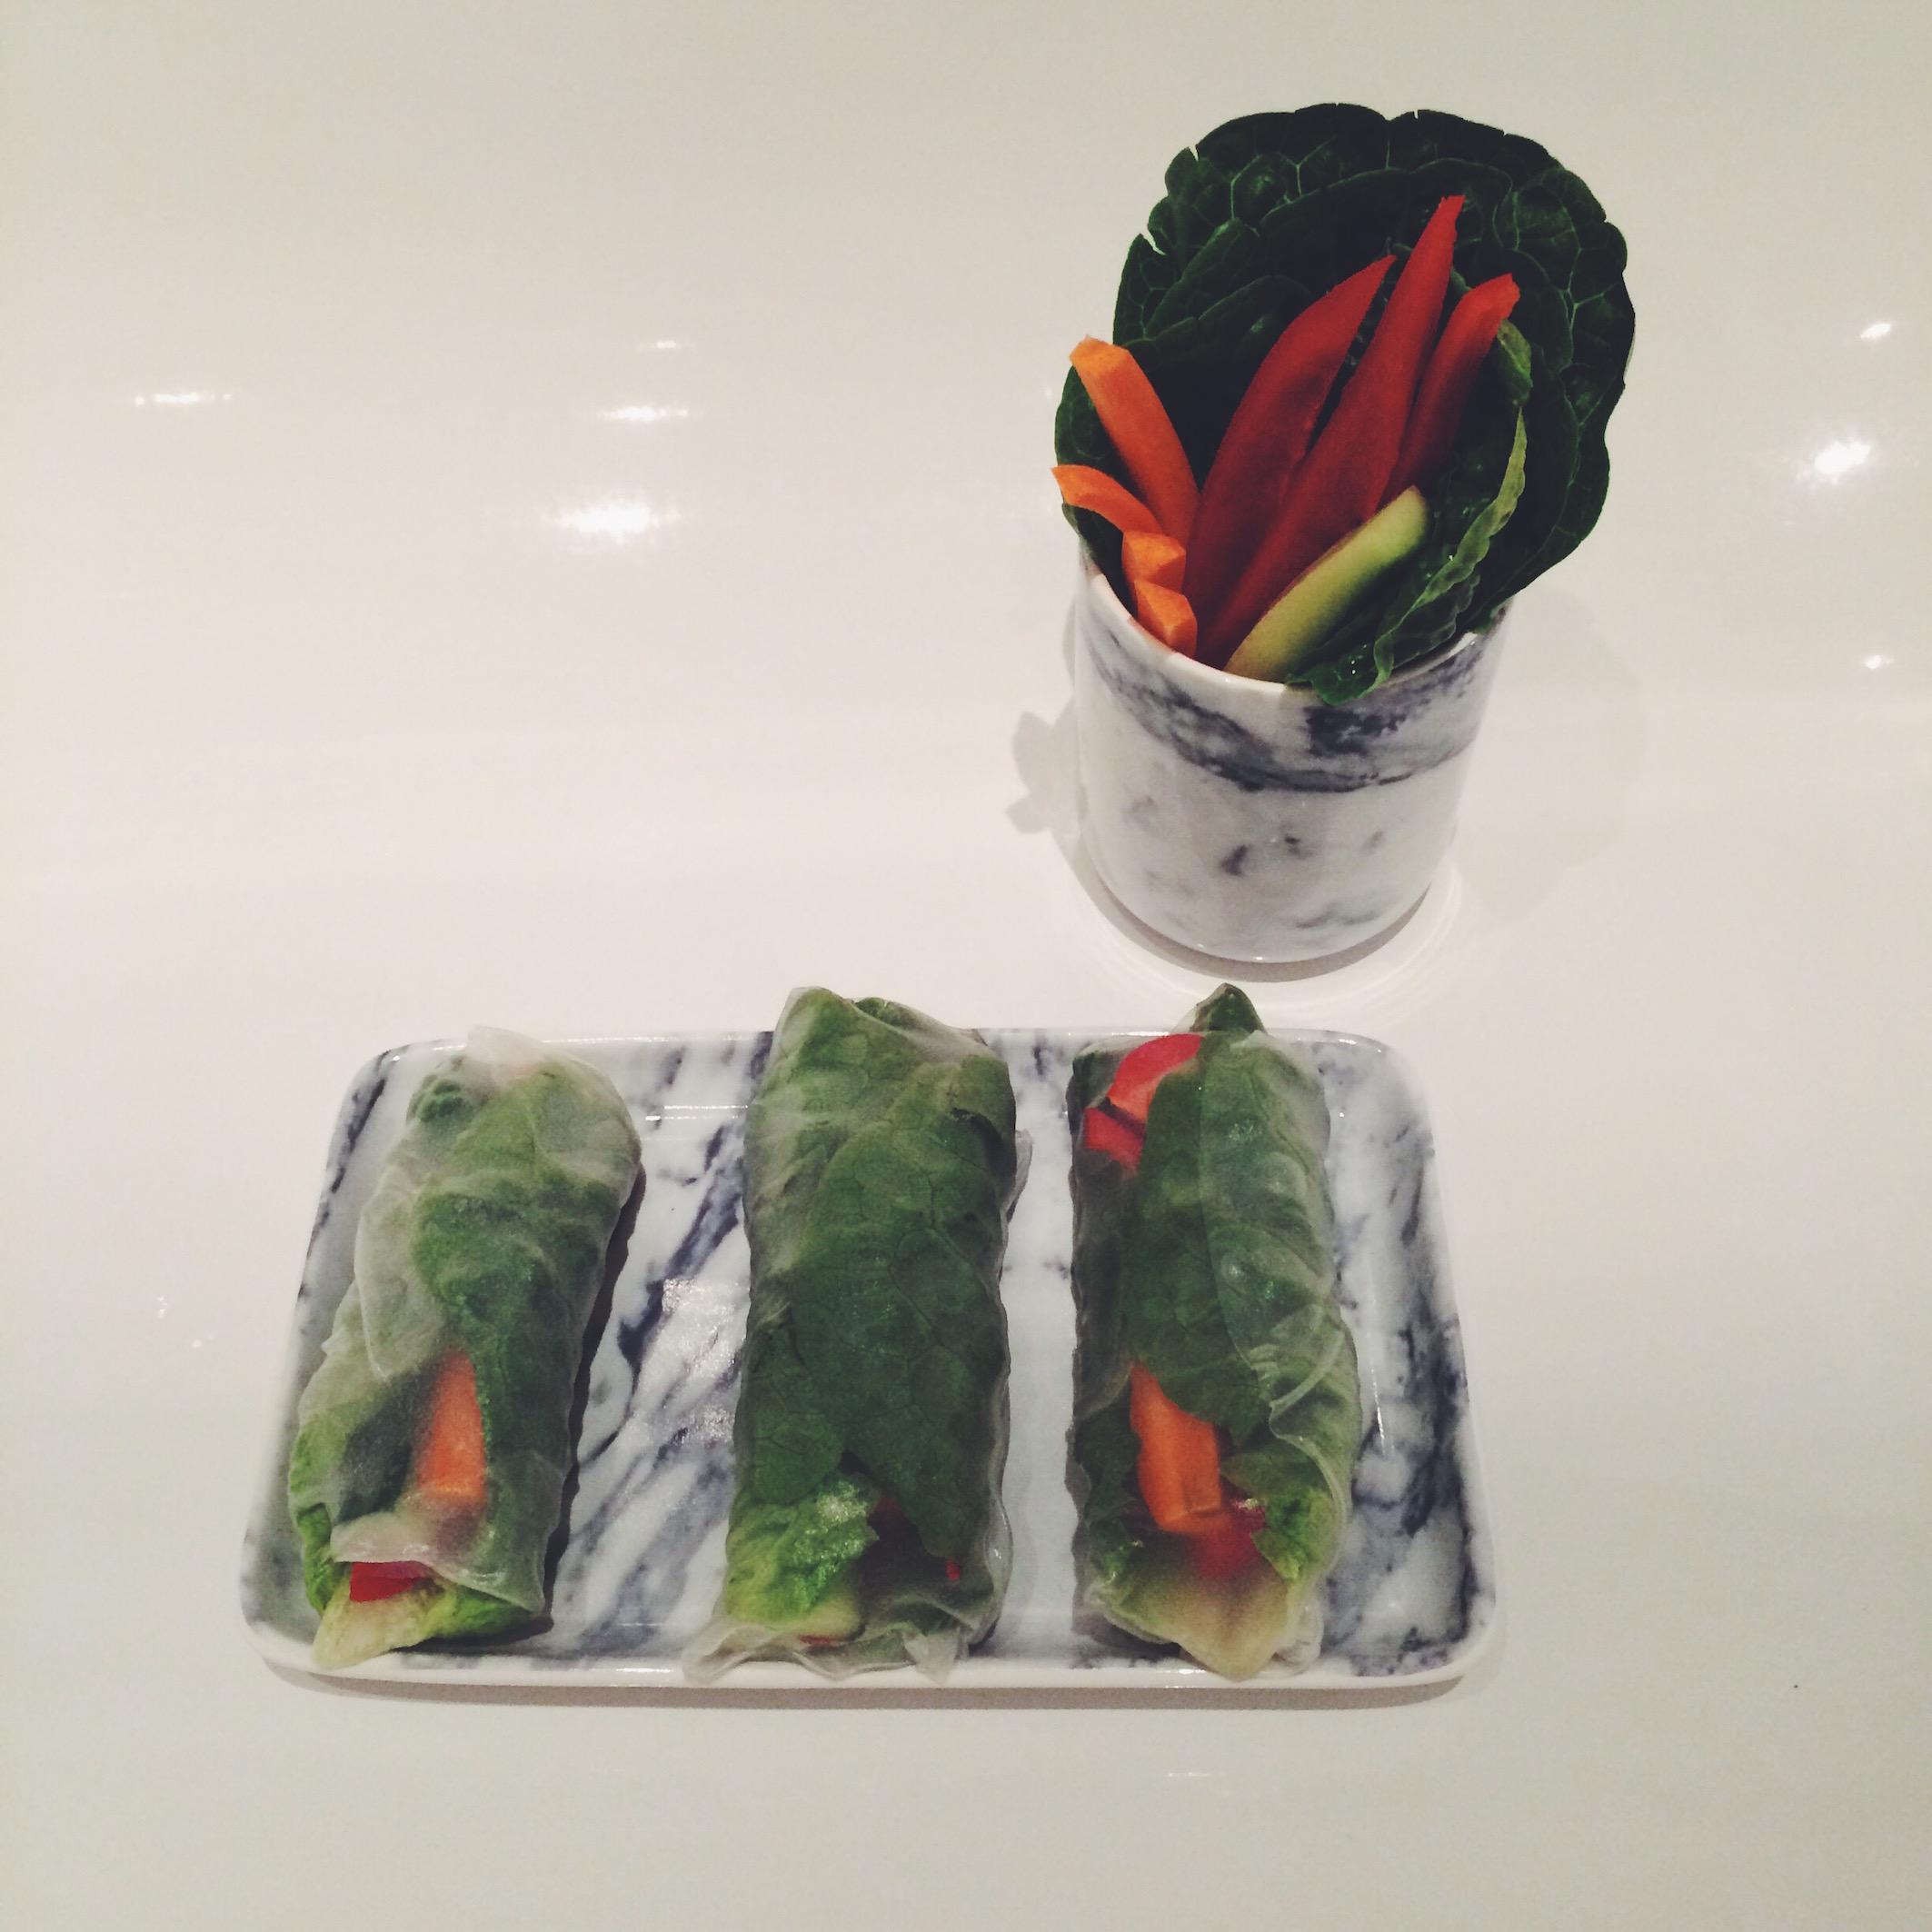 Vegane Summer Rolls